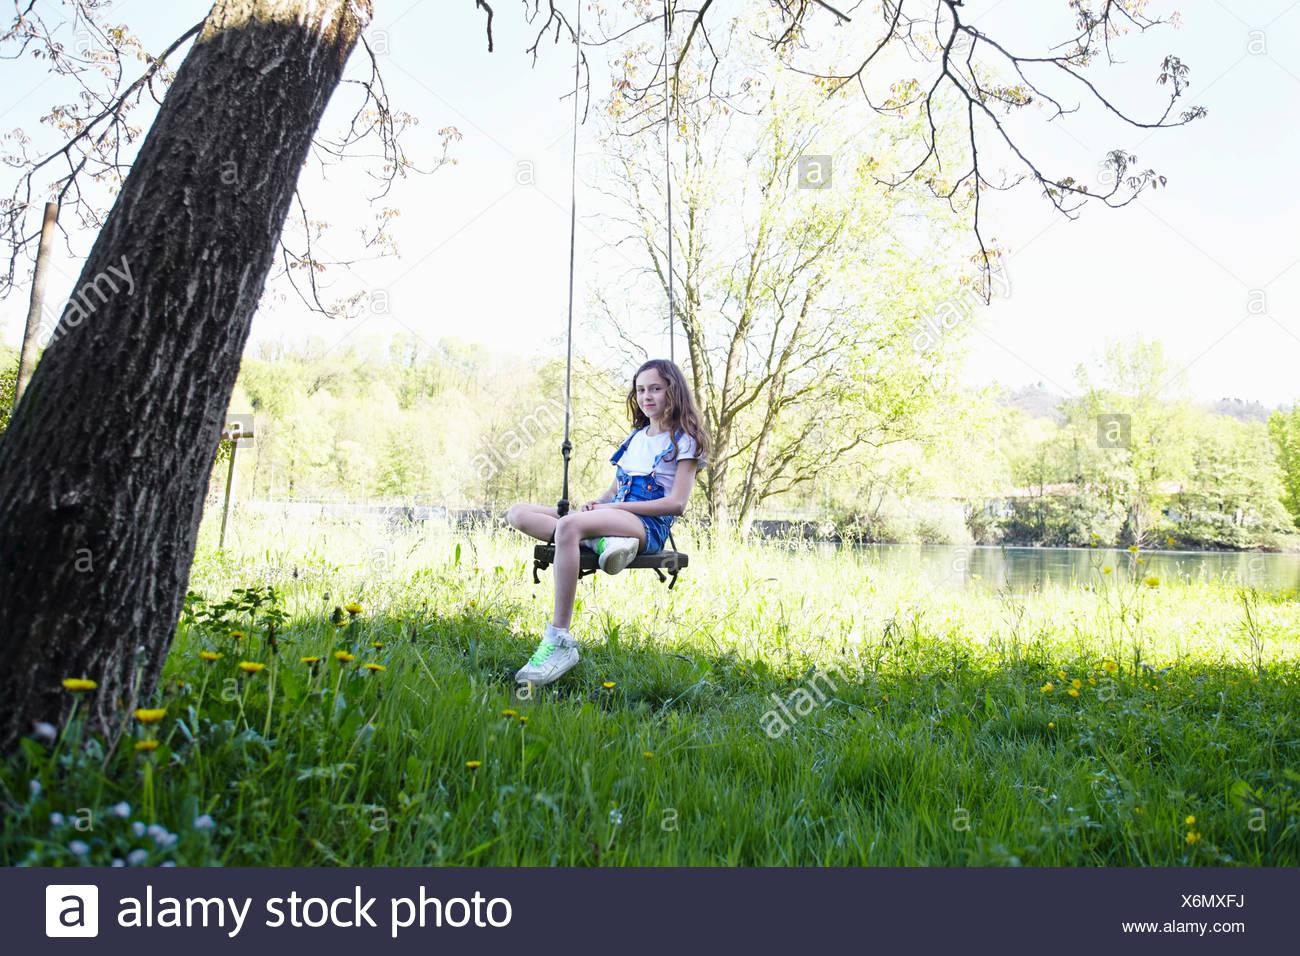 Girl on swing in tree, portrait Stock Photo